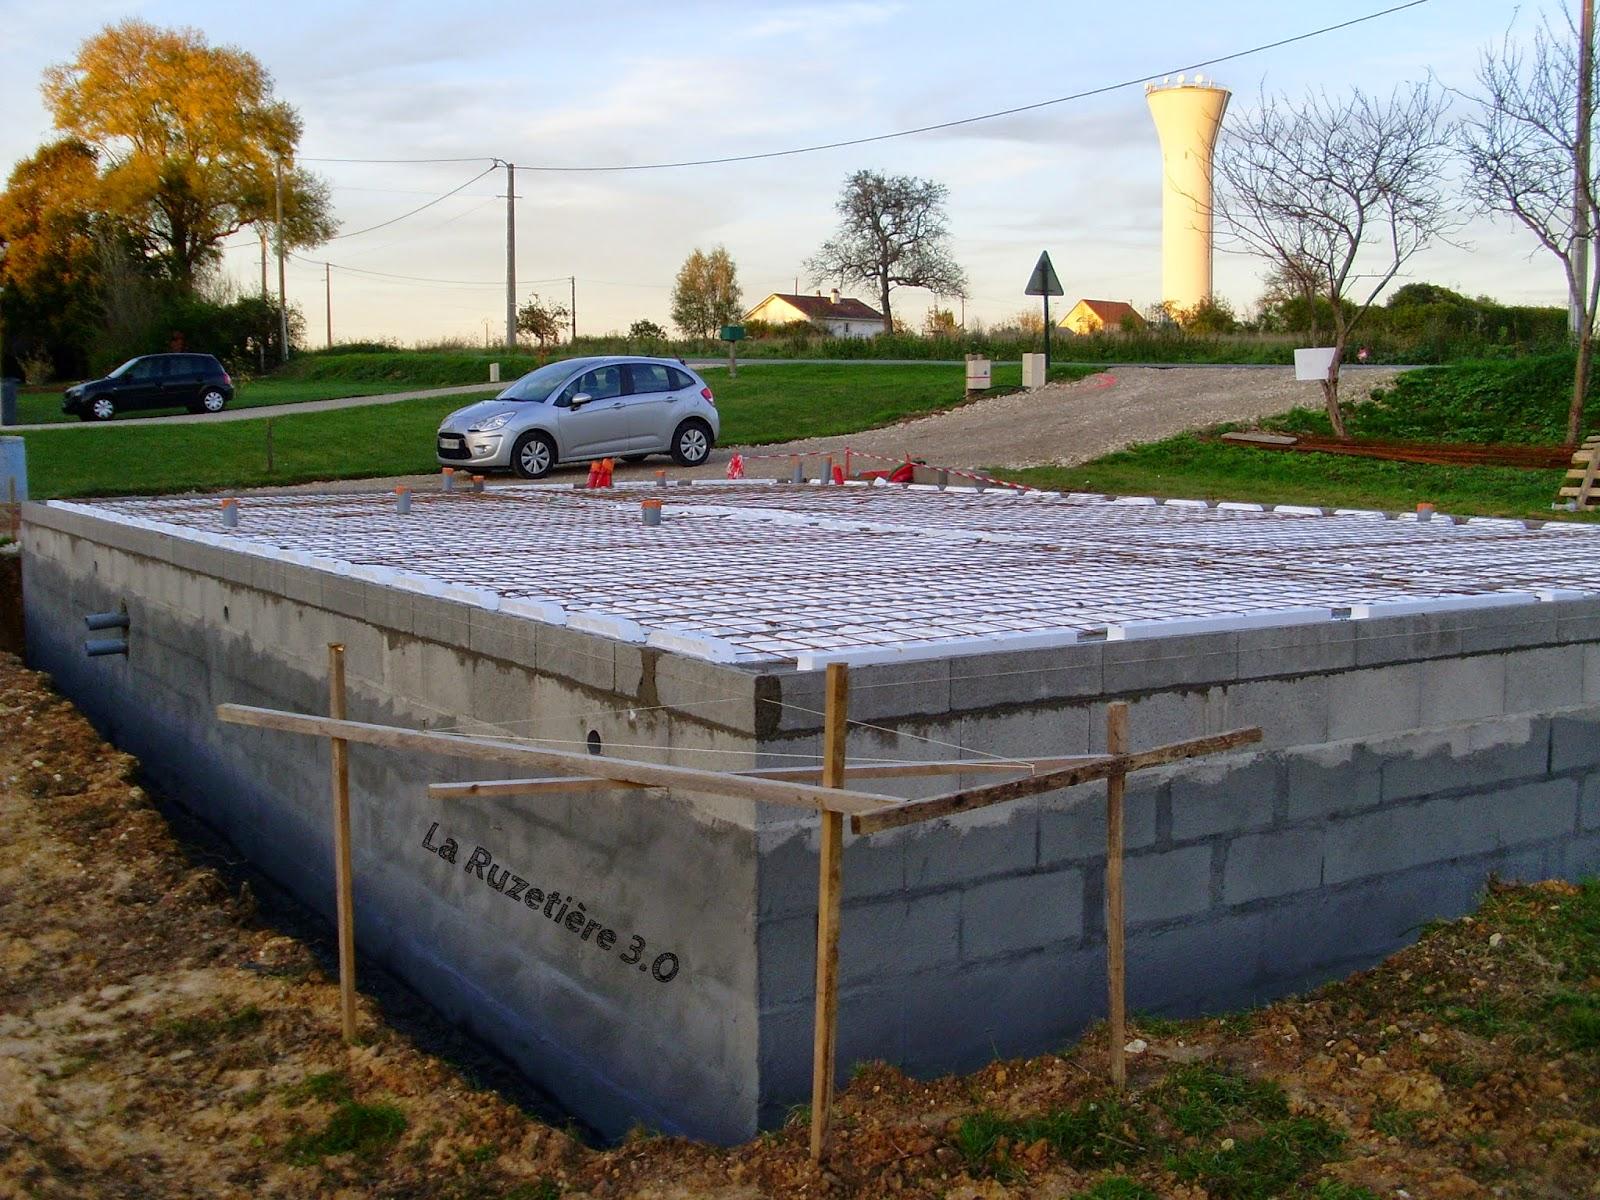 la ruzeti re 3 0 maison ossature bois rt 2012 plancher vide sanitaire 1e jour. Black Bedroom Furniture Sets. Home Design Ideas